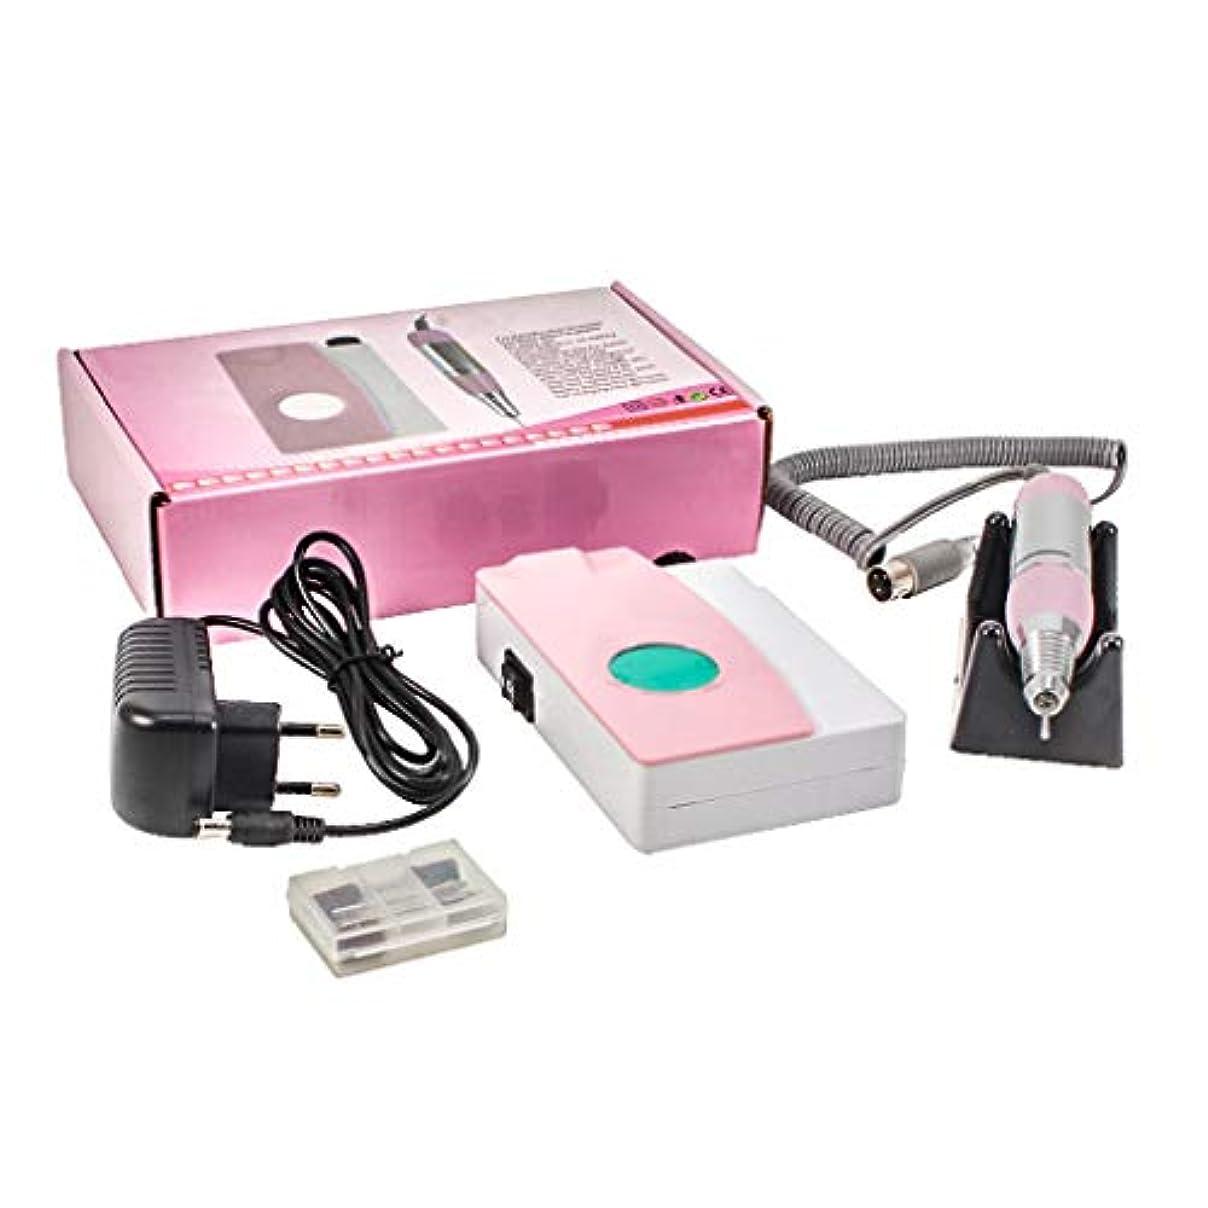 選挙熱心クール電気ネイルファイルドリルマシン、ディスプレイスクリーン、ポータブルコードレス12Vのドリルビット付き充電式研磨機、プロ用または家庭用ネイルアート機器25000 RPM